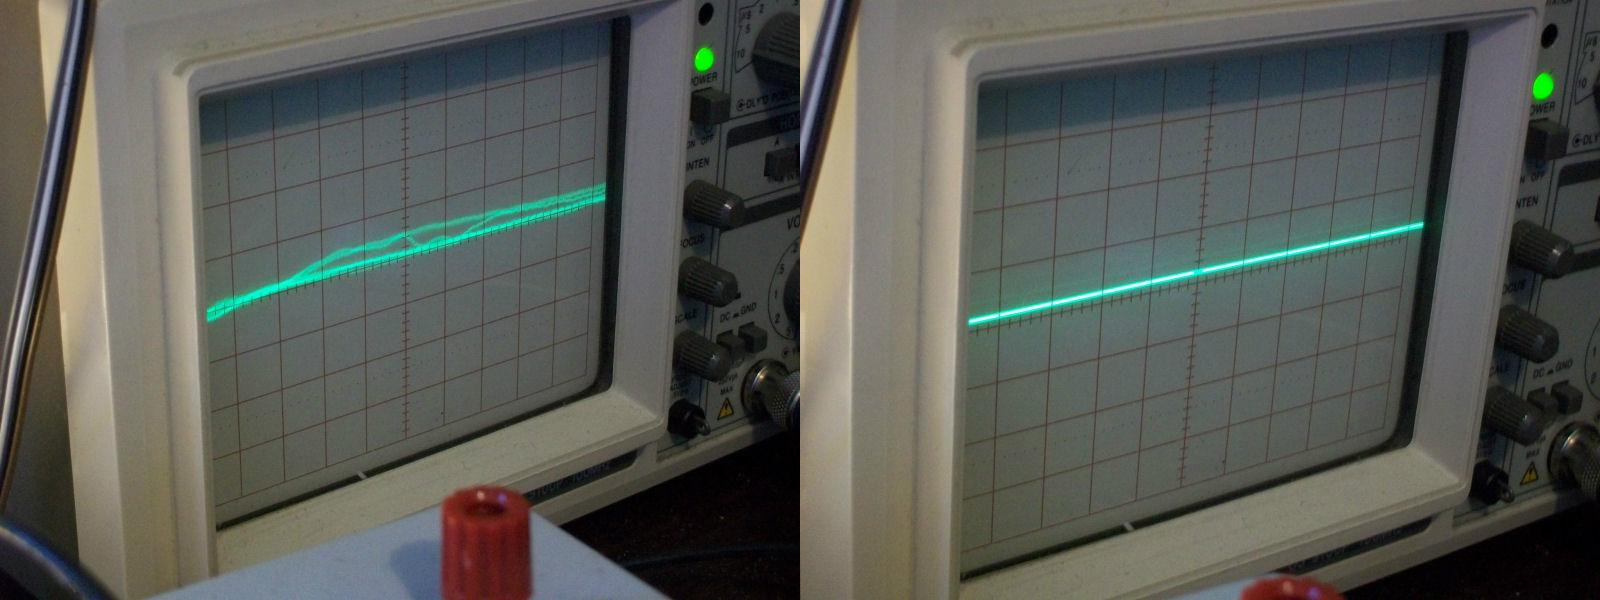 TL084_IC92_input_output